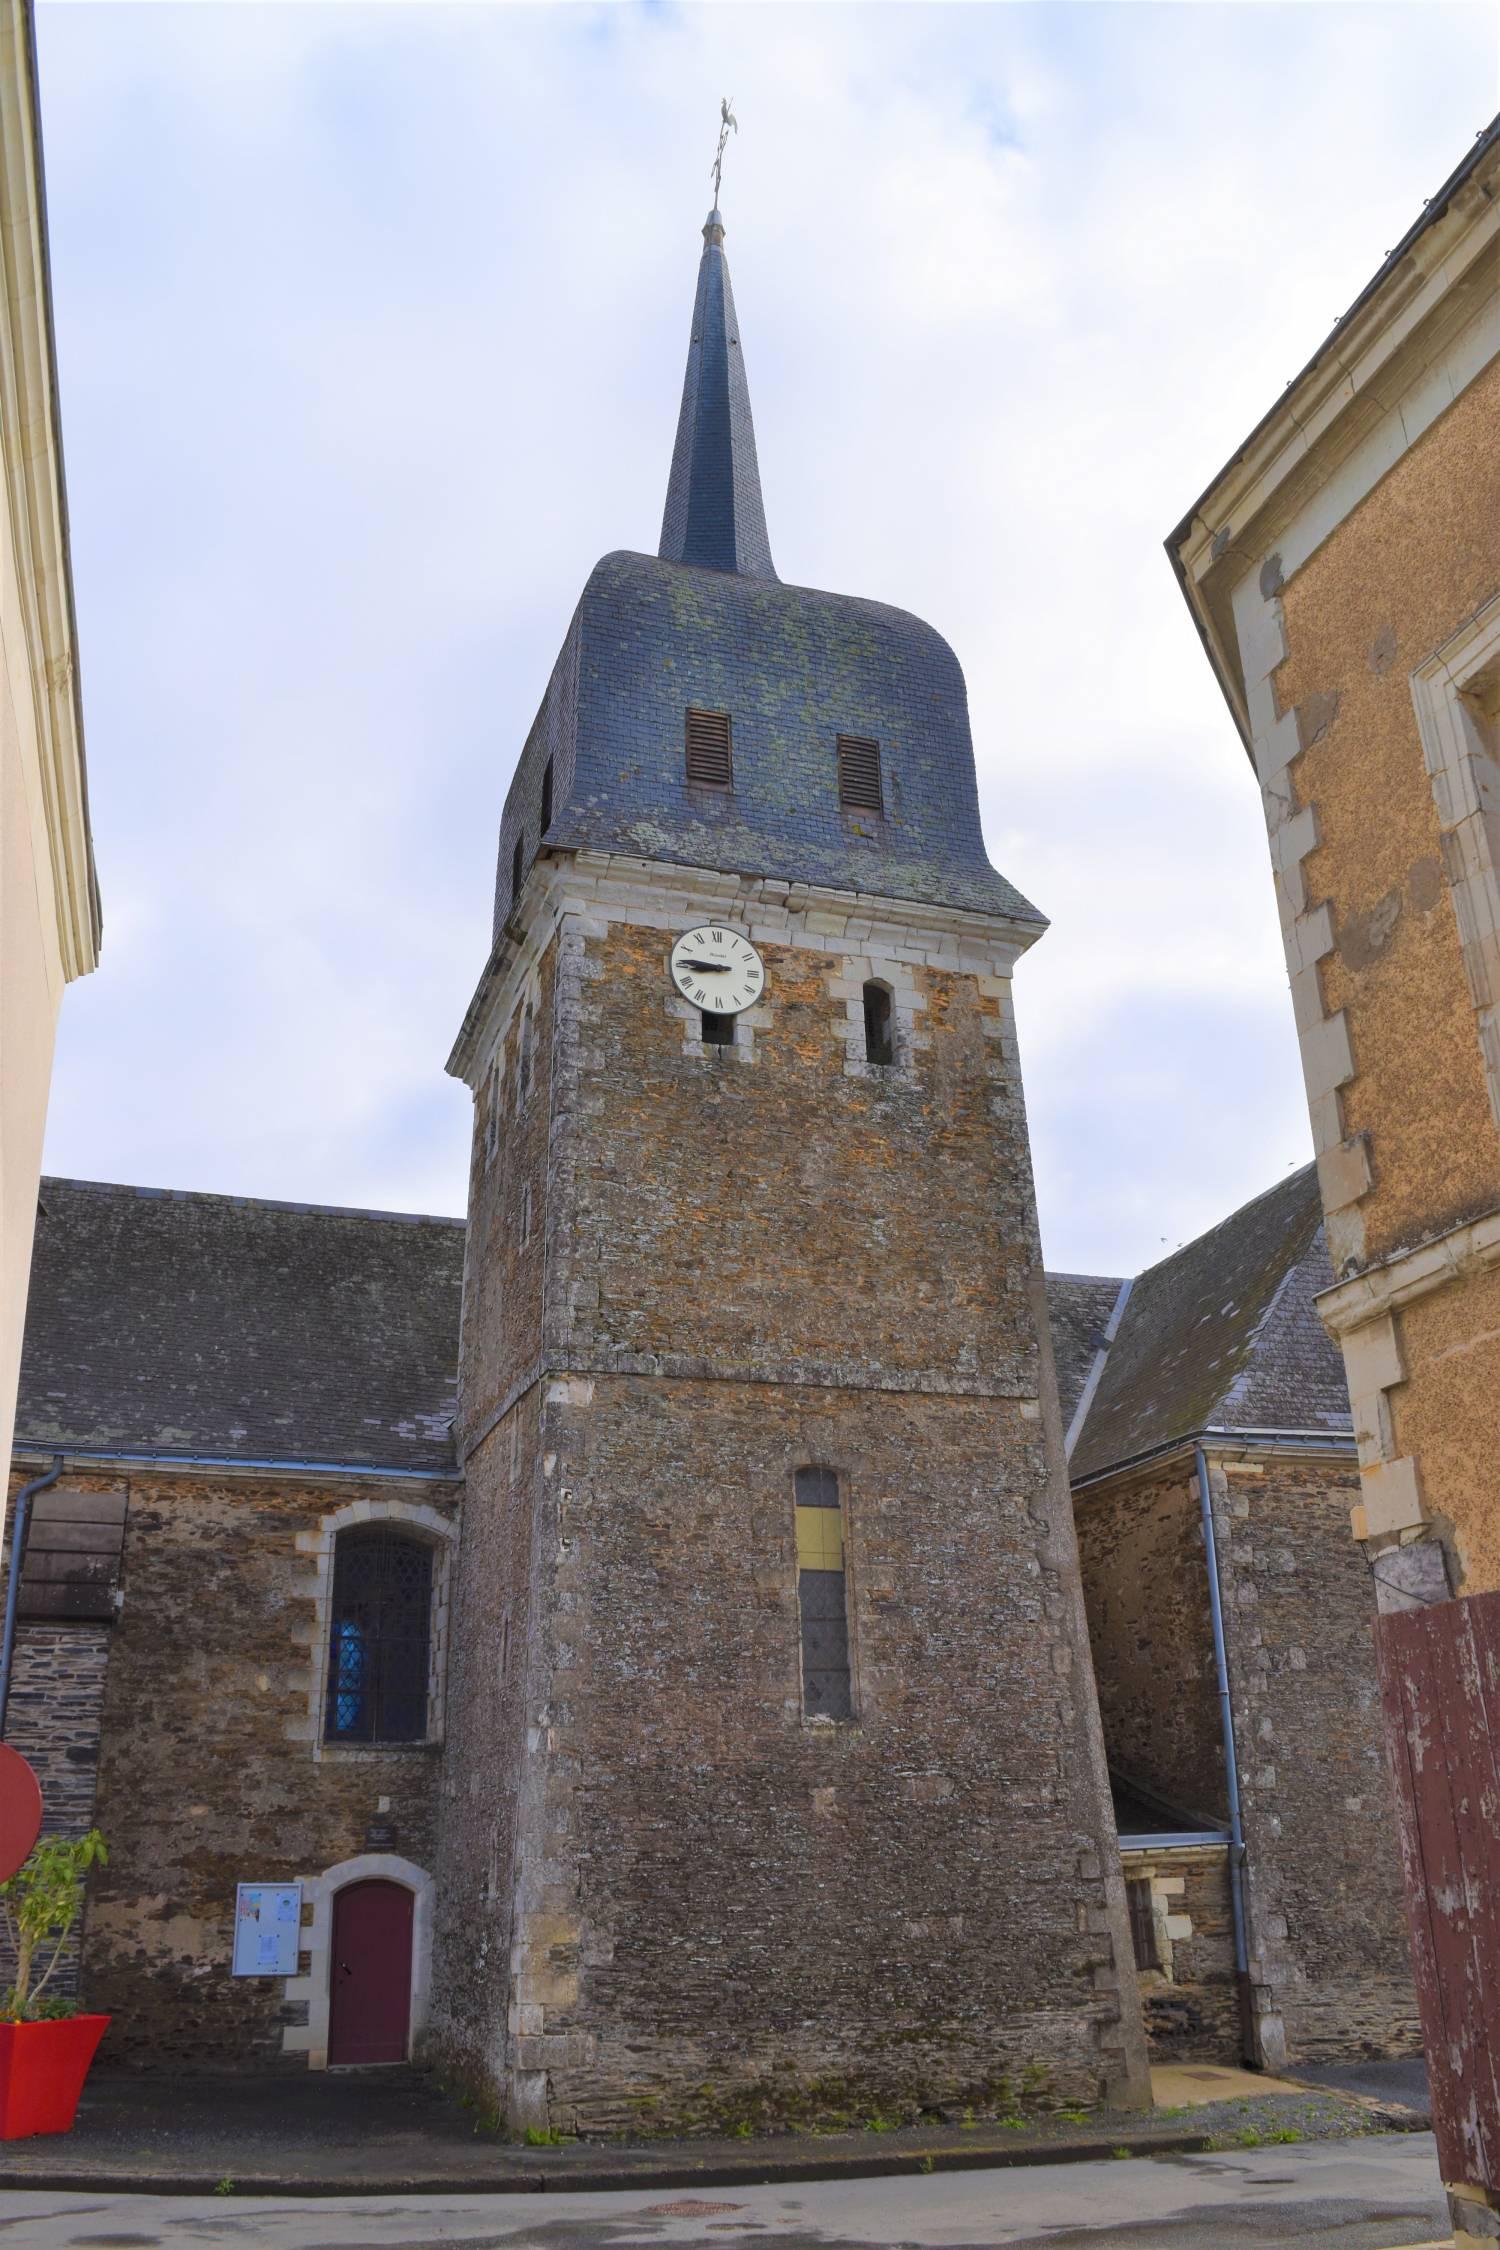 Segré-en-Anjou-Bleu (49) - église Saint-Martin de la Chapelle-sur-Oudon - La Sauvegarde de l'Art Français